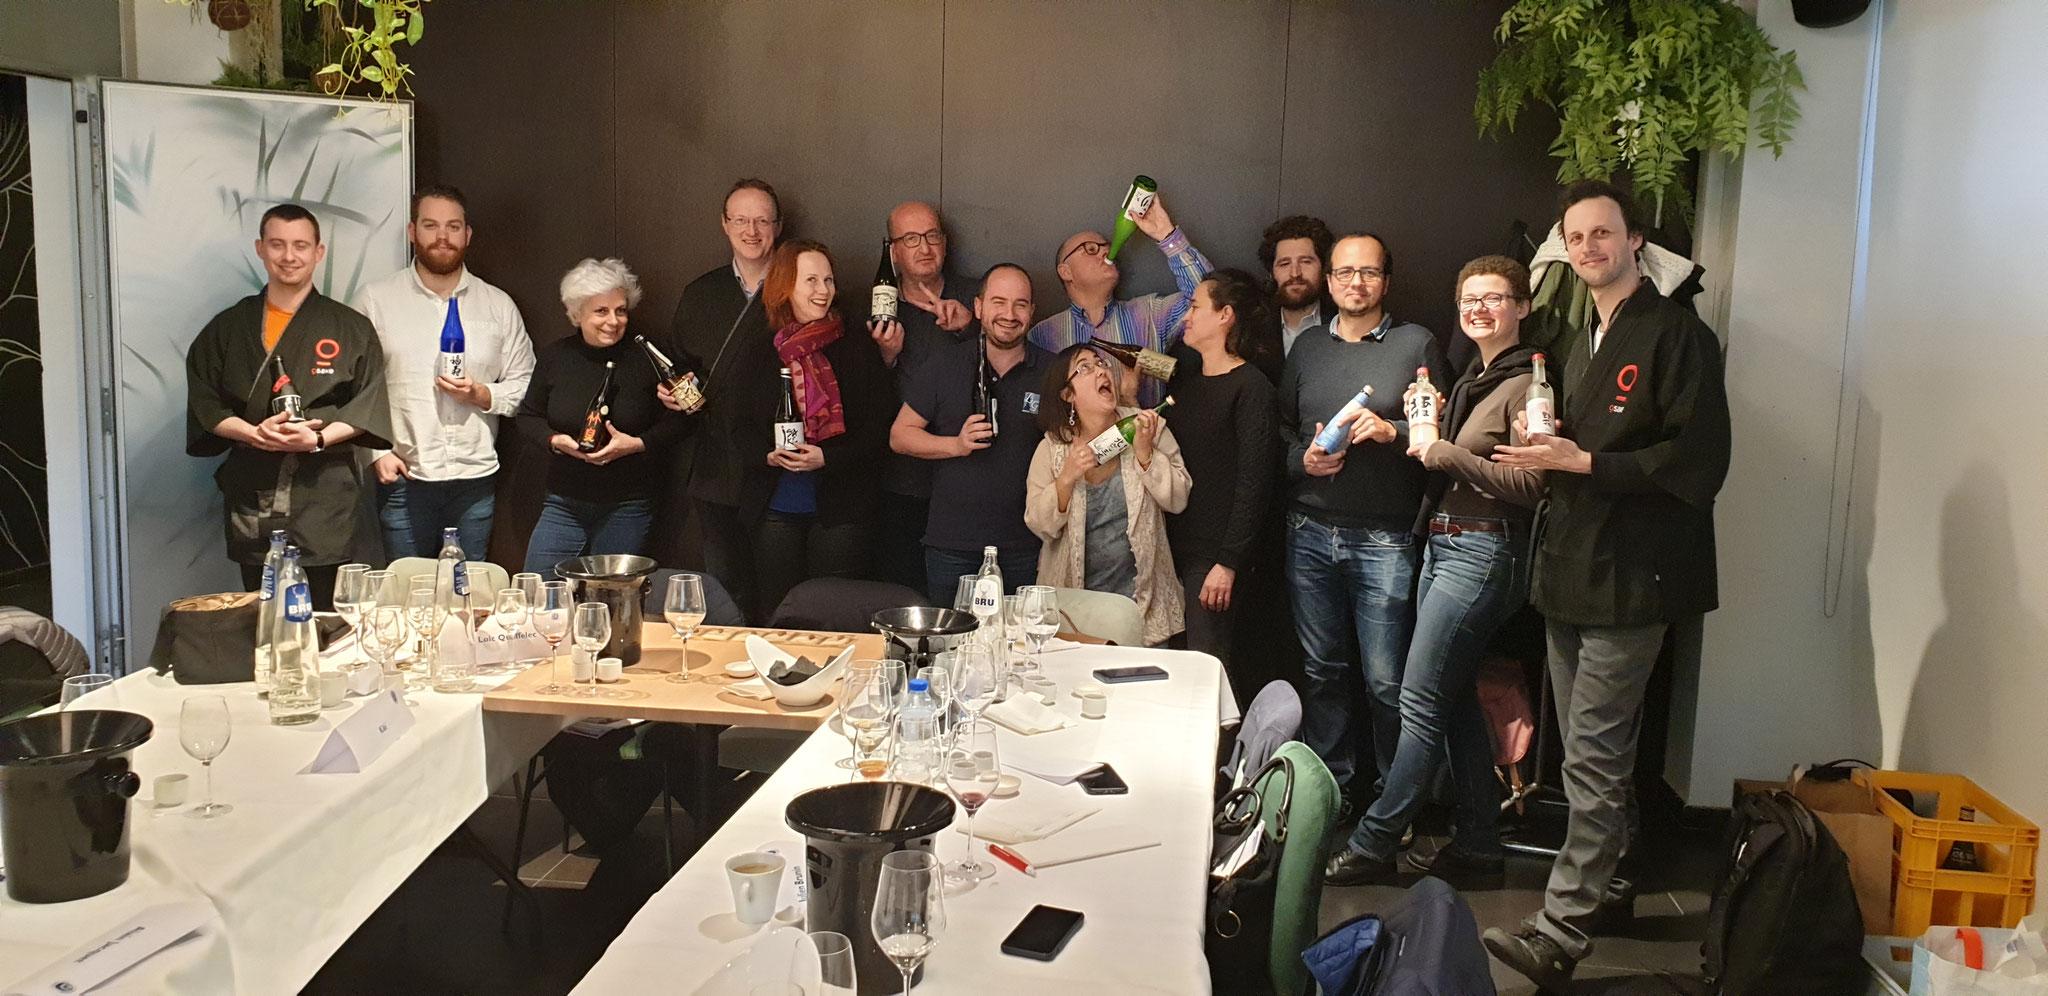 Formation Sake Sommelier Bruxelles 2019